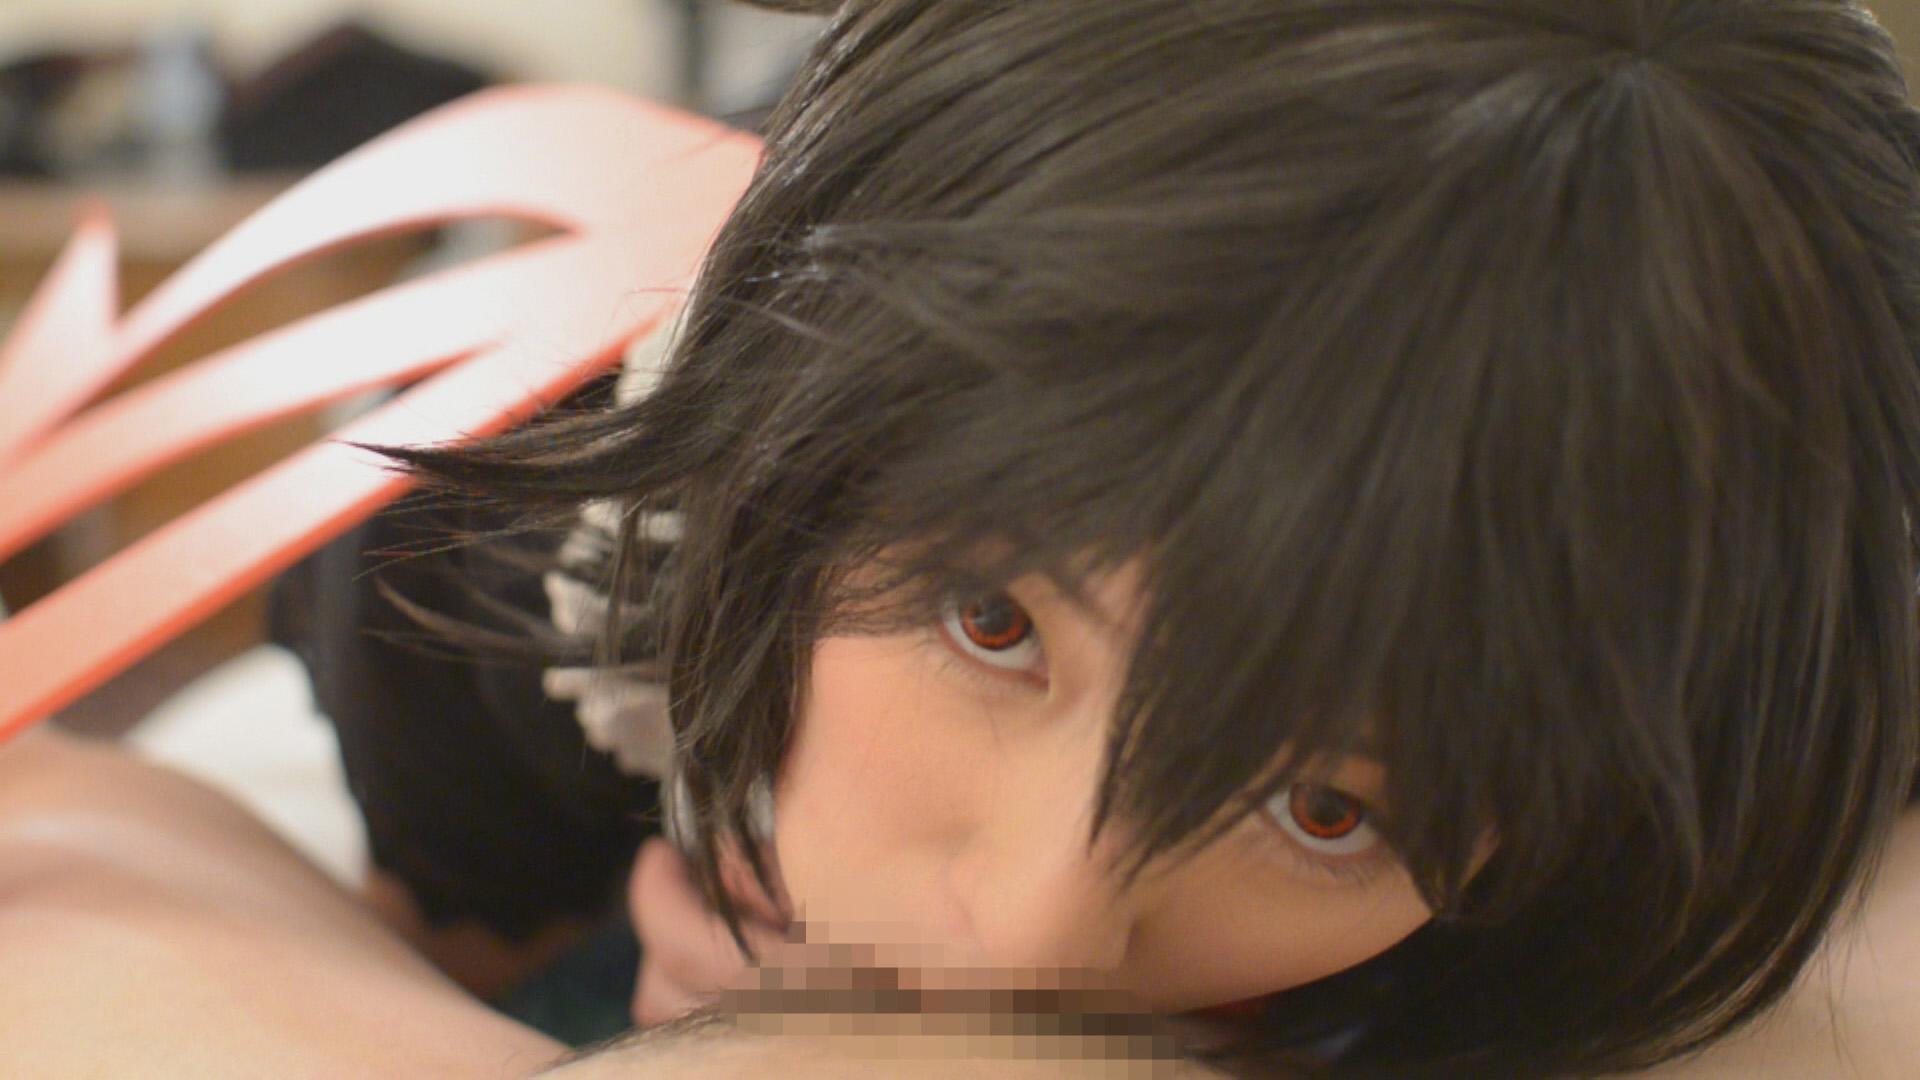 ピンキーwebDL129/阿部乃みくさん【予約】